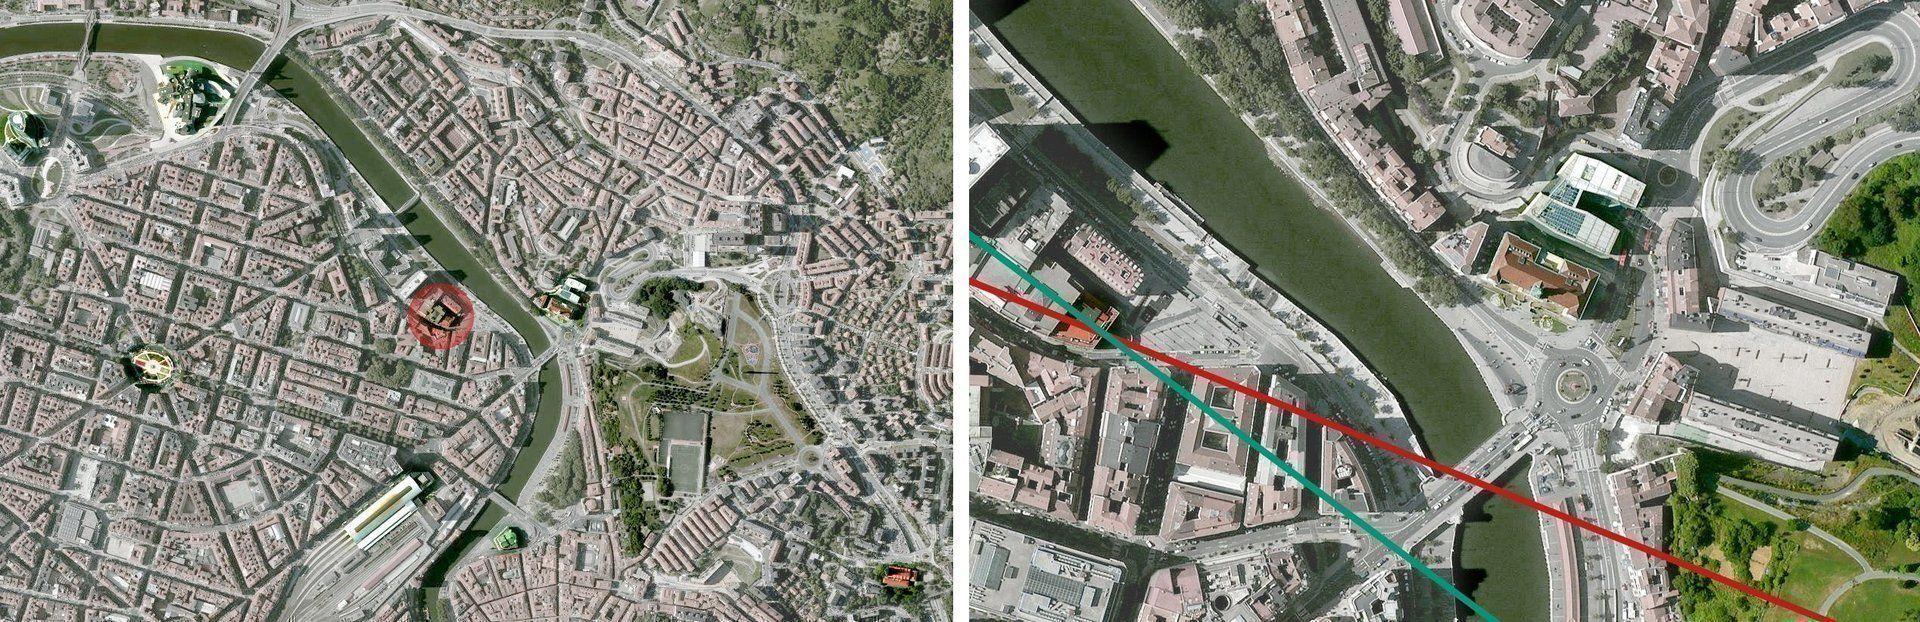 Versatil en Bilbao versatil en Bilbao-2755